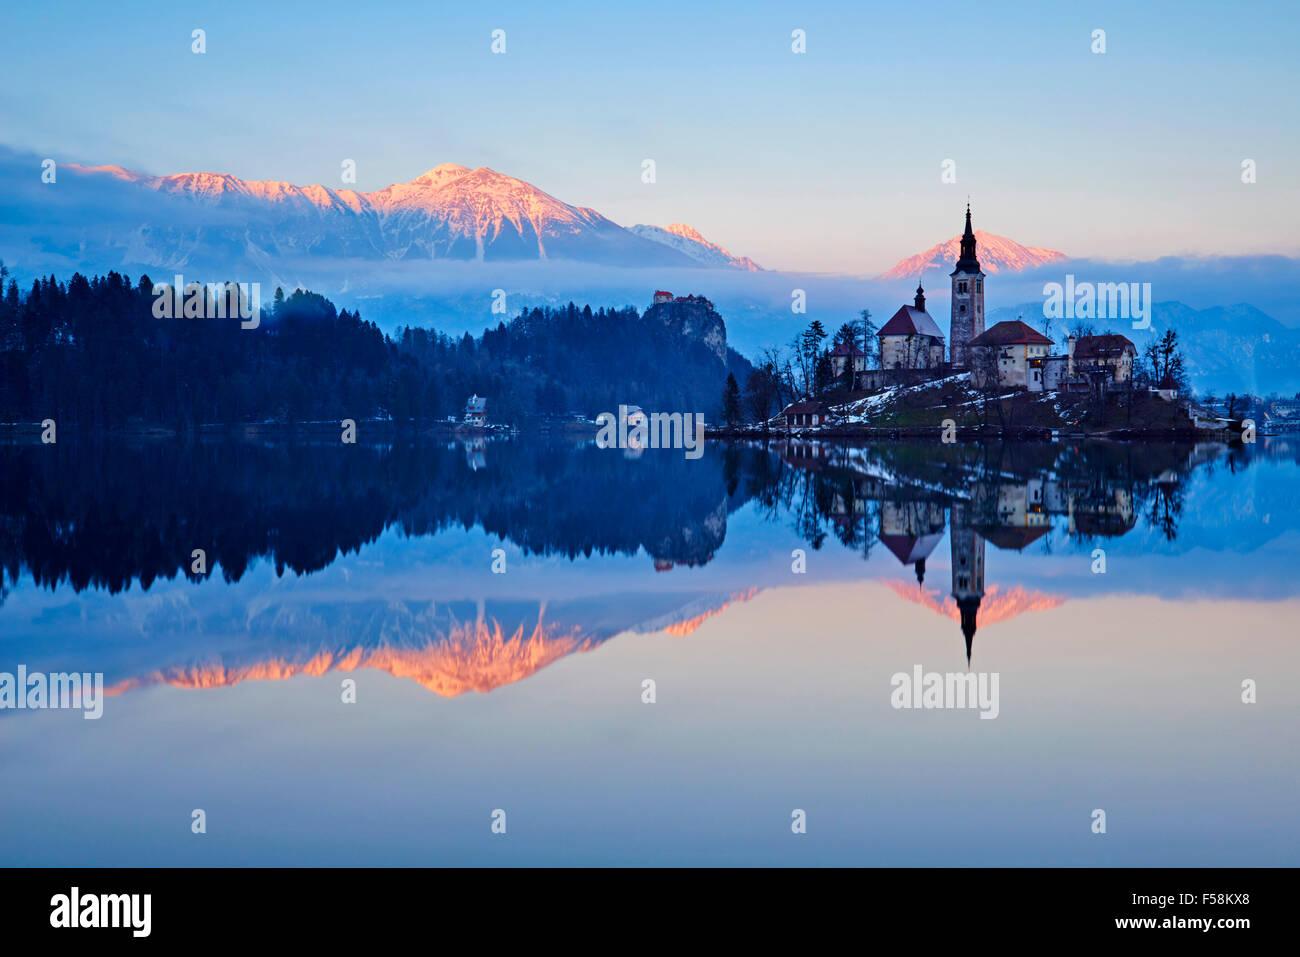 Eslovenia, Bled, el Lago Bled y los Alpes Julianos, la iglesia de la Asunción Imagen De Stock